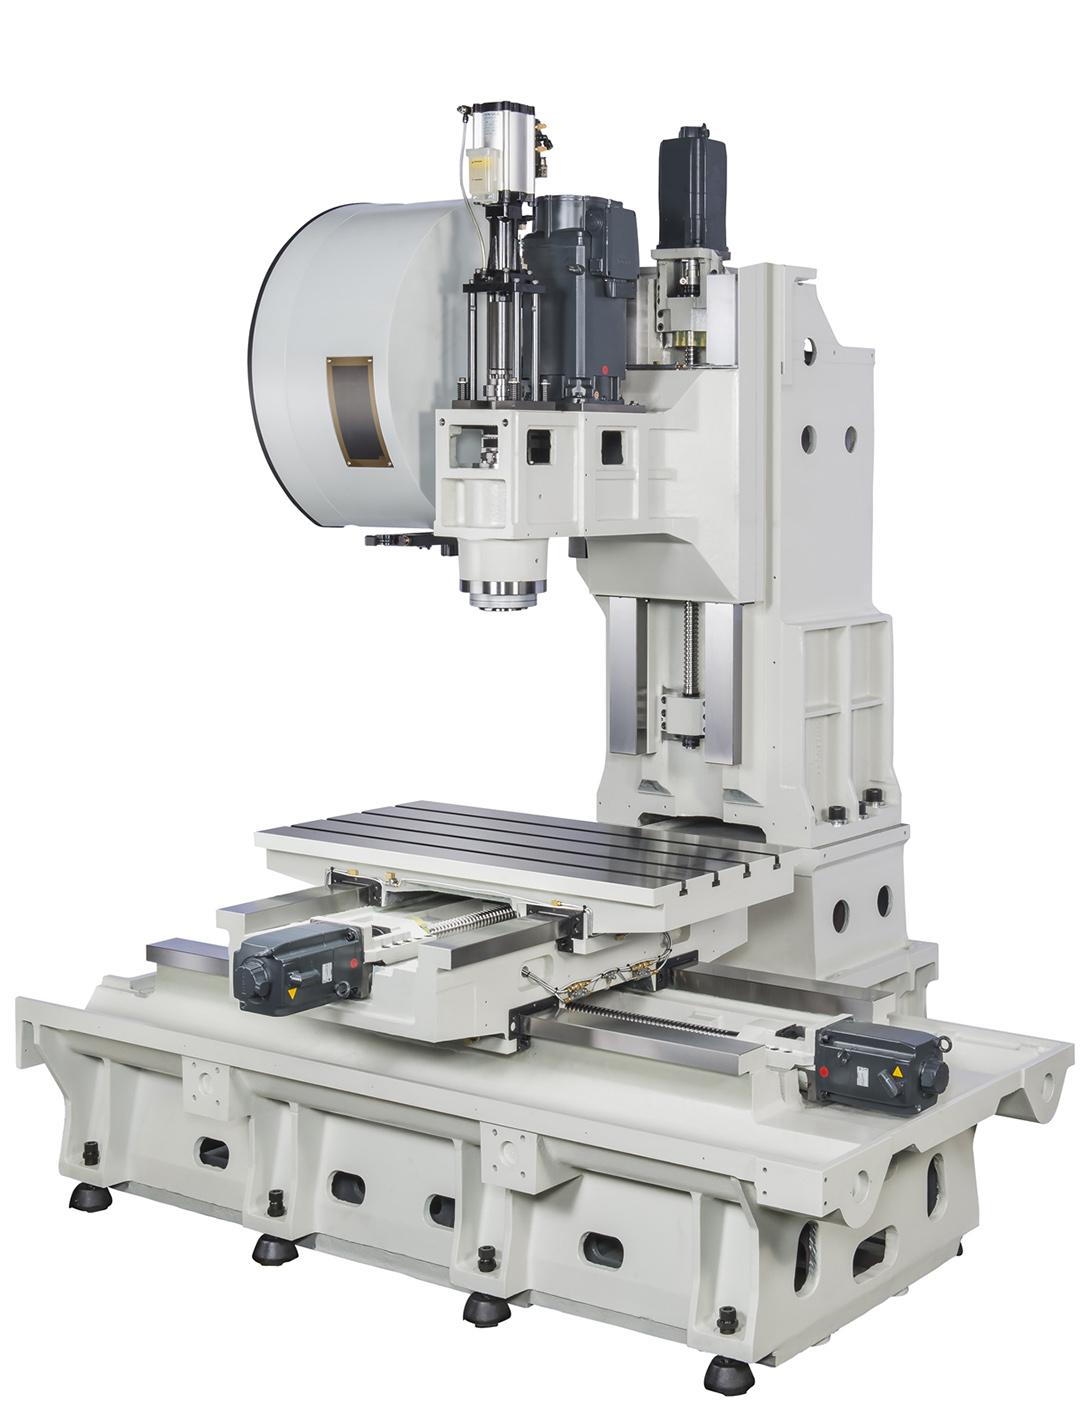 XYZ 1100 Frame | XYZ Machine Tools